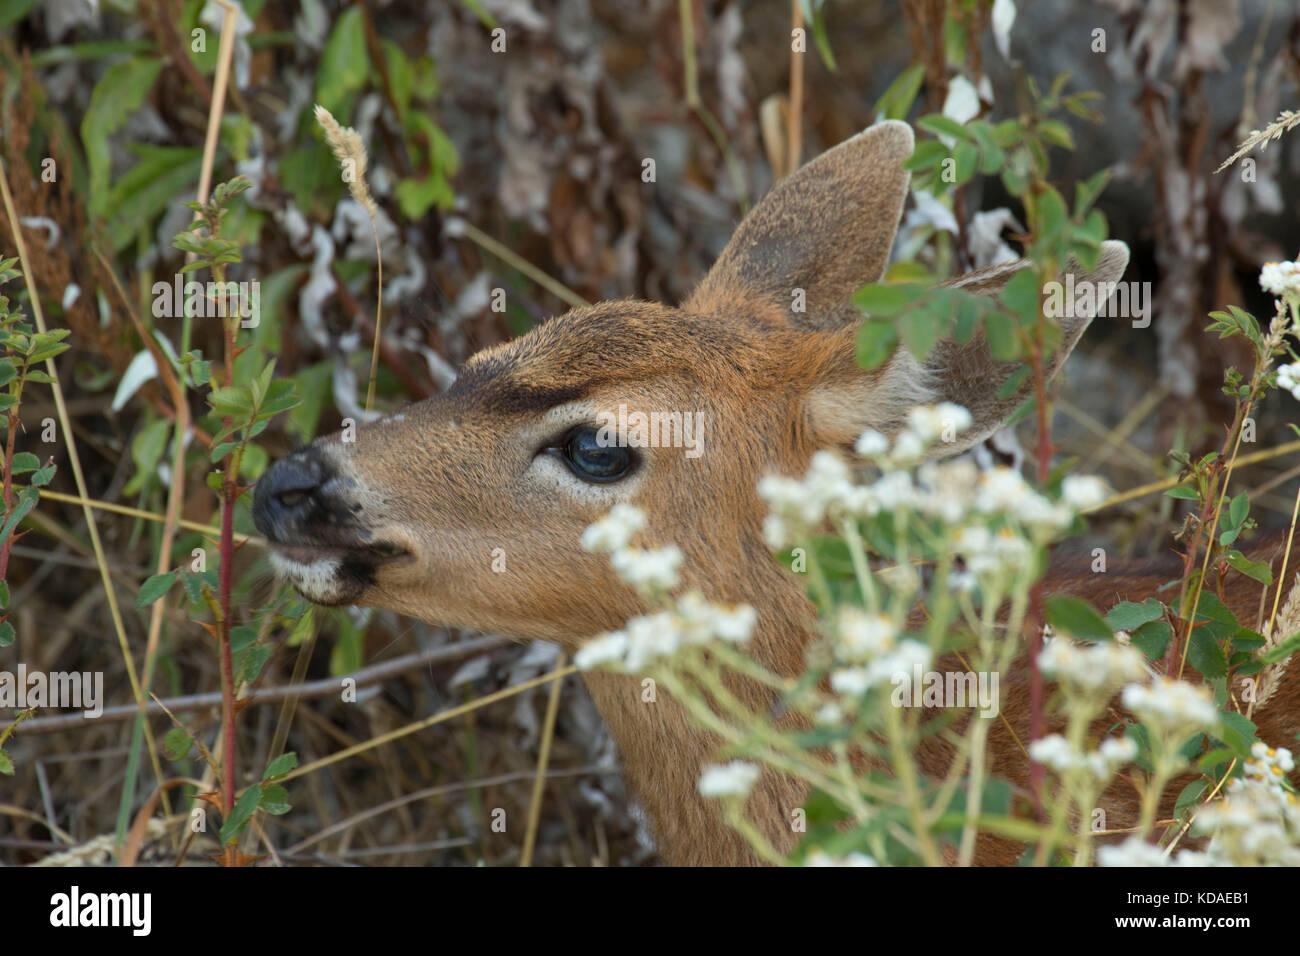 Blacktail deer, Fort Flagler State Park, Washington - Stock Image